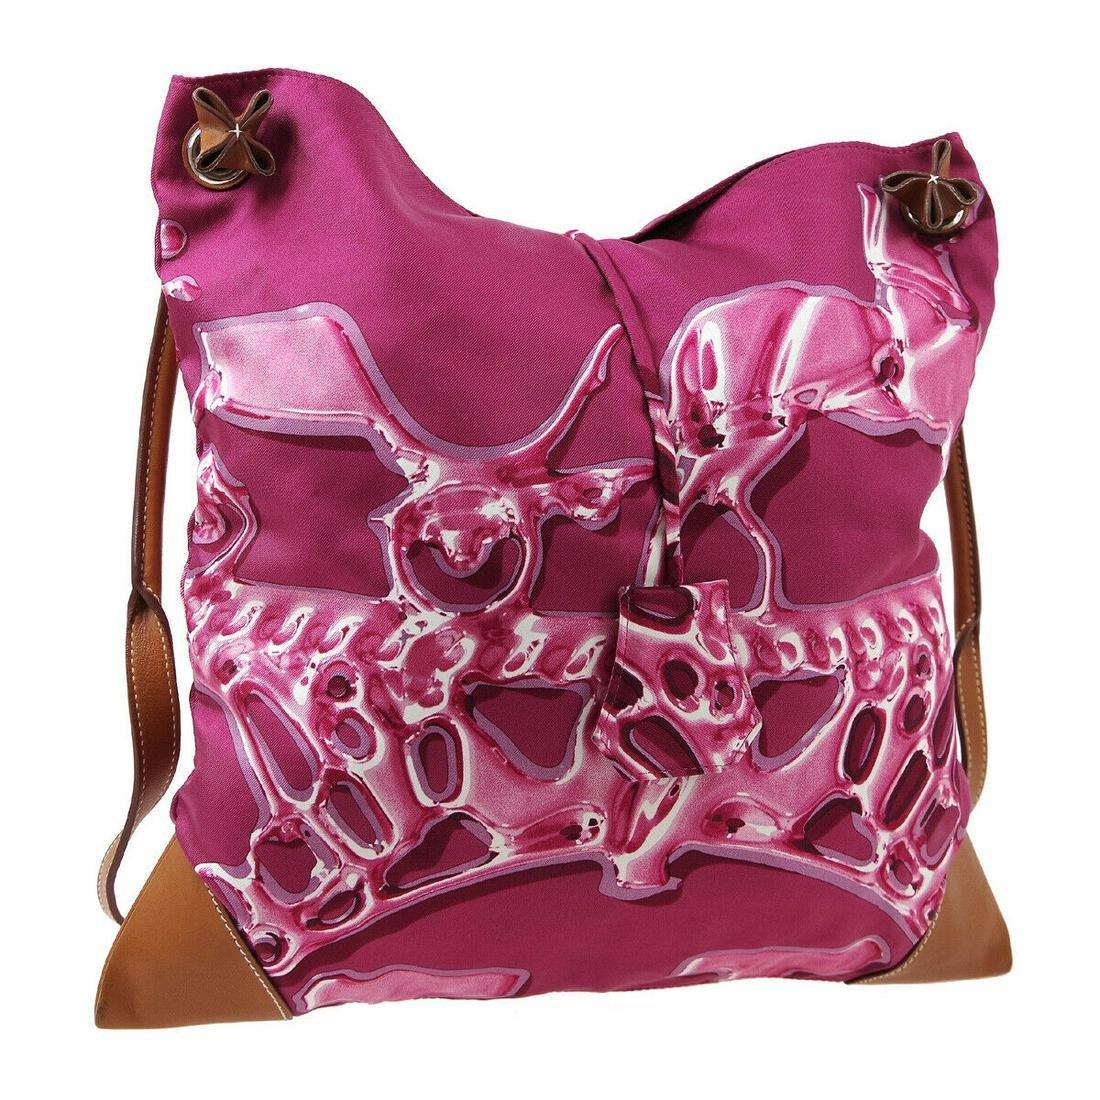 Authentic HERMES 100% Silk, Leather Shoulder Bag